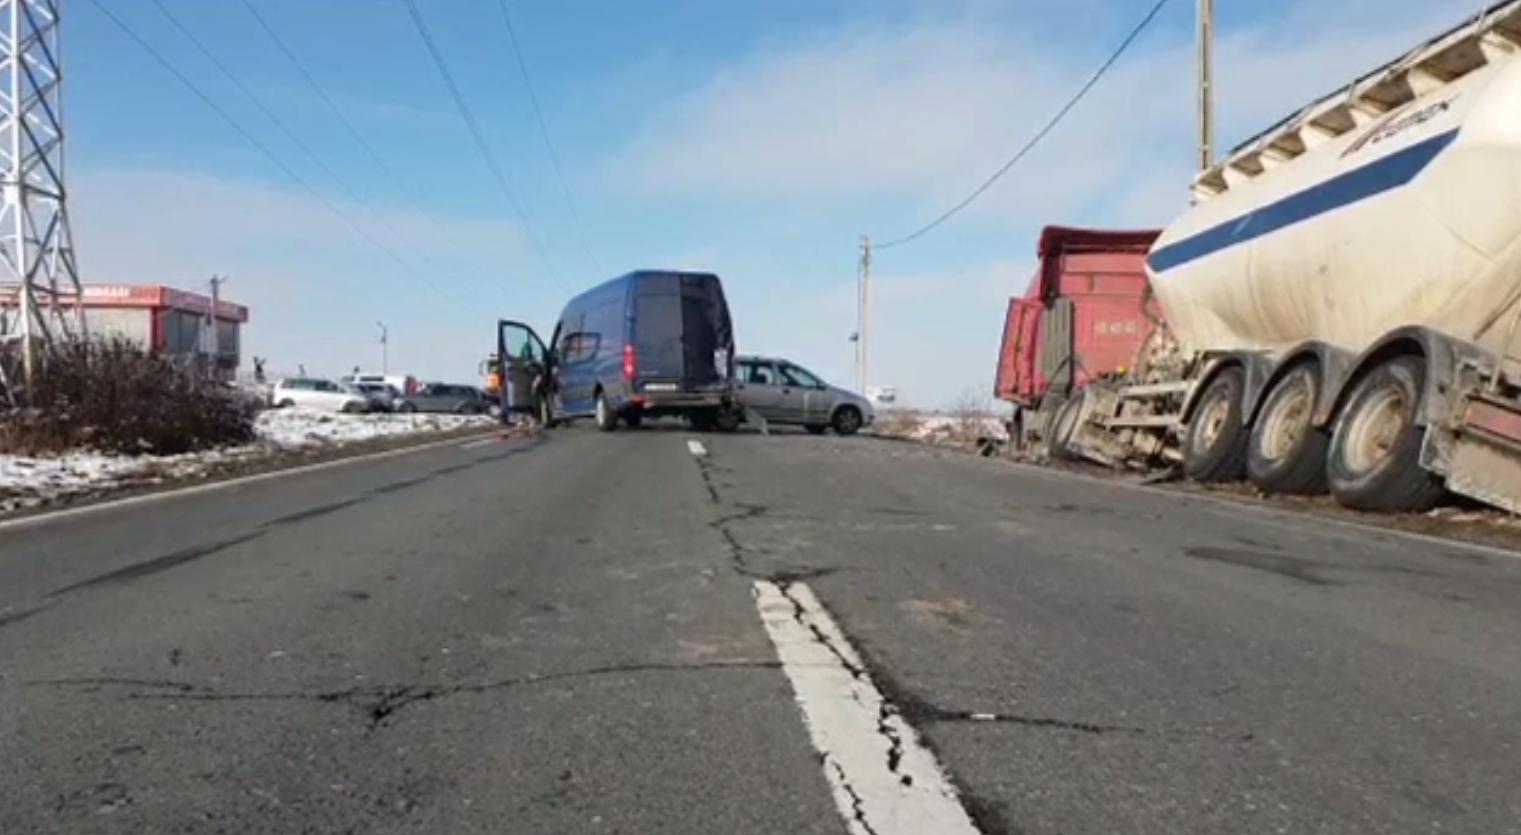 Impact violent între 3 mașini pe o șosea. Numărul victimelor